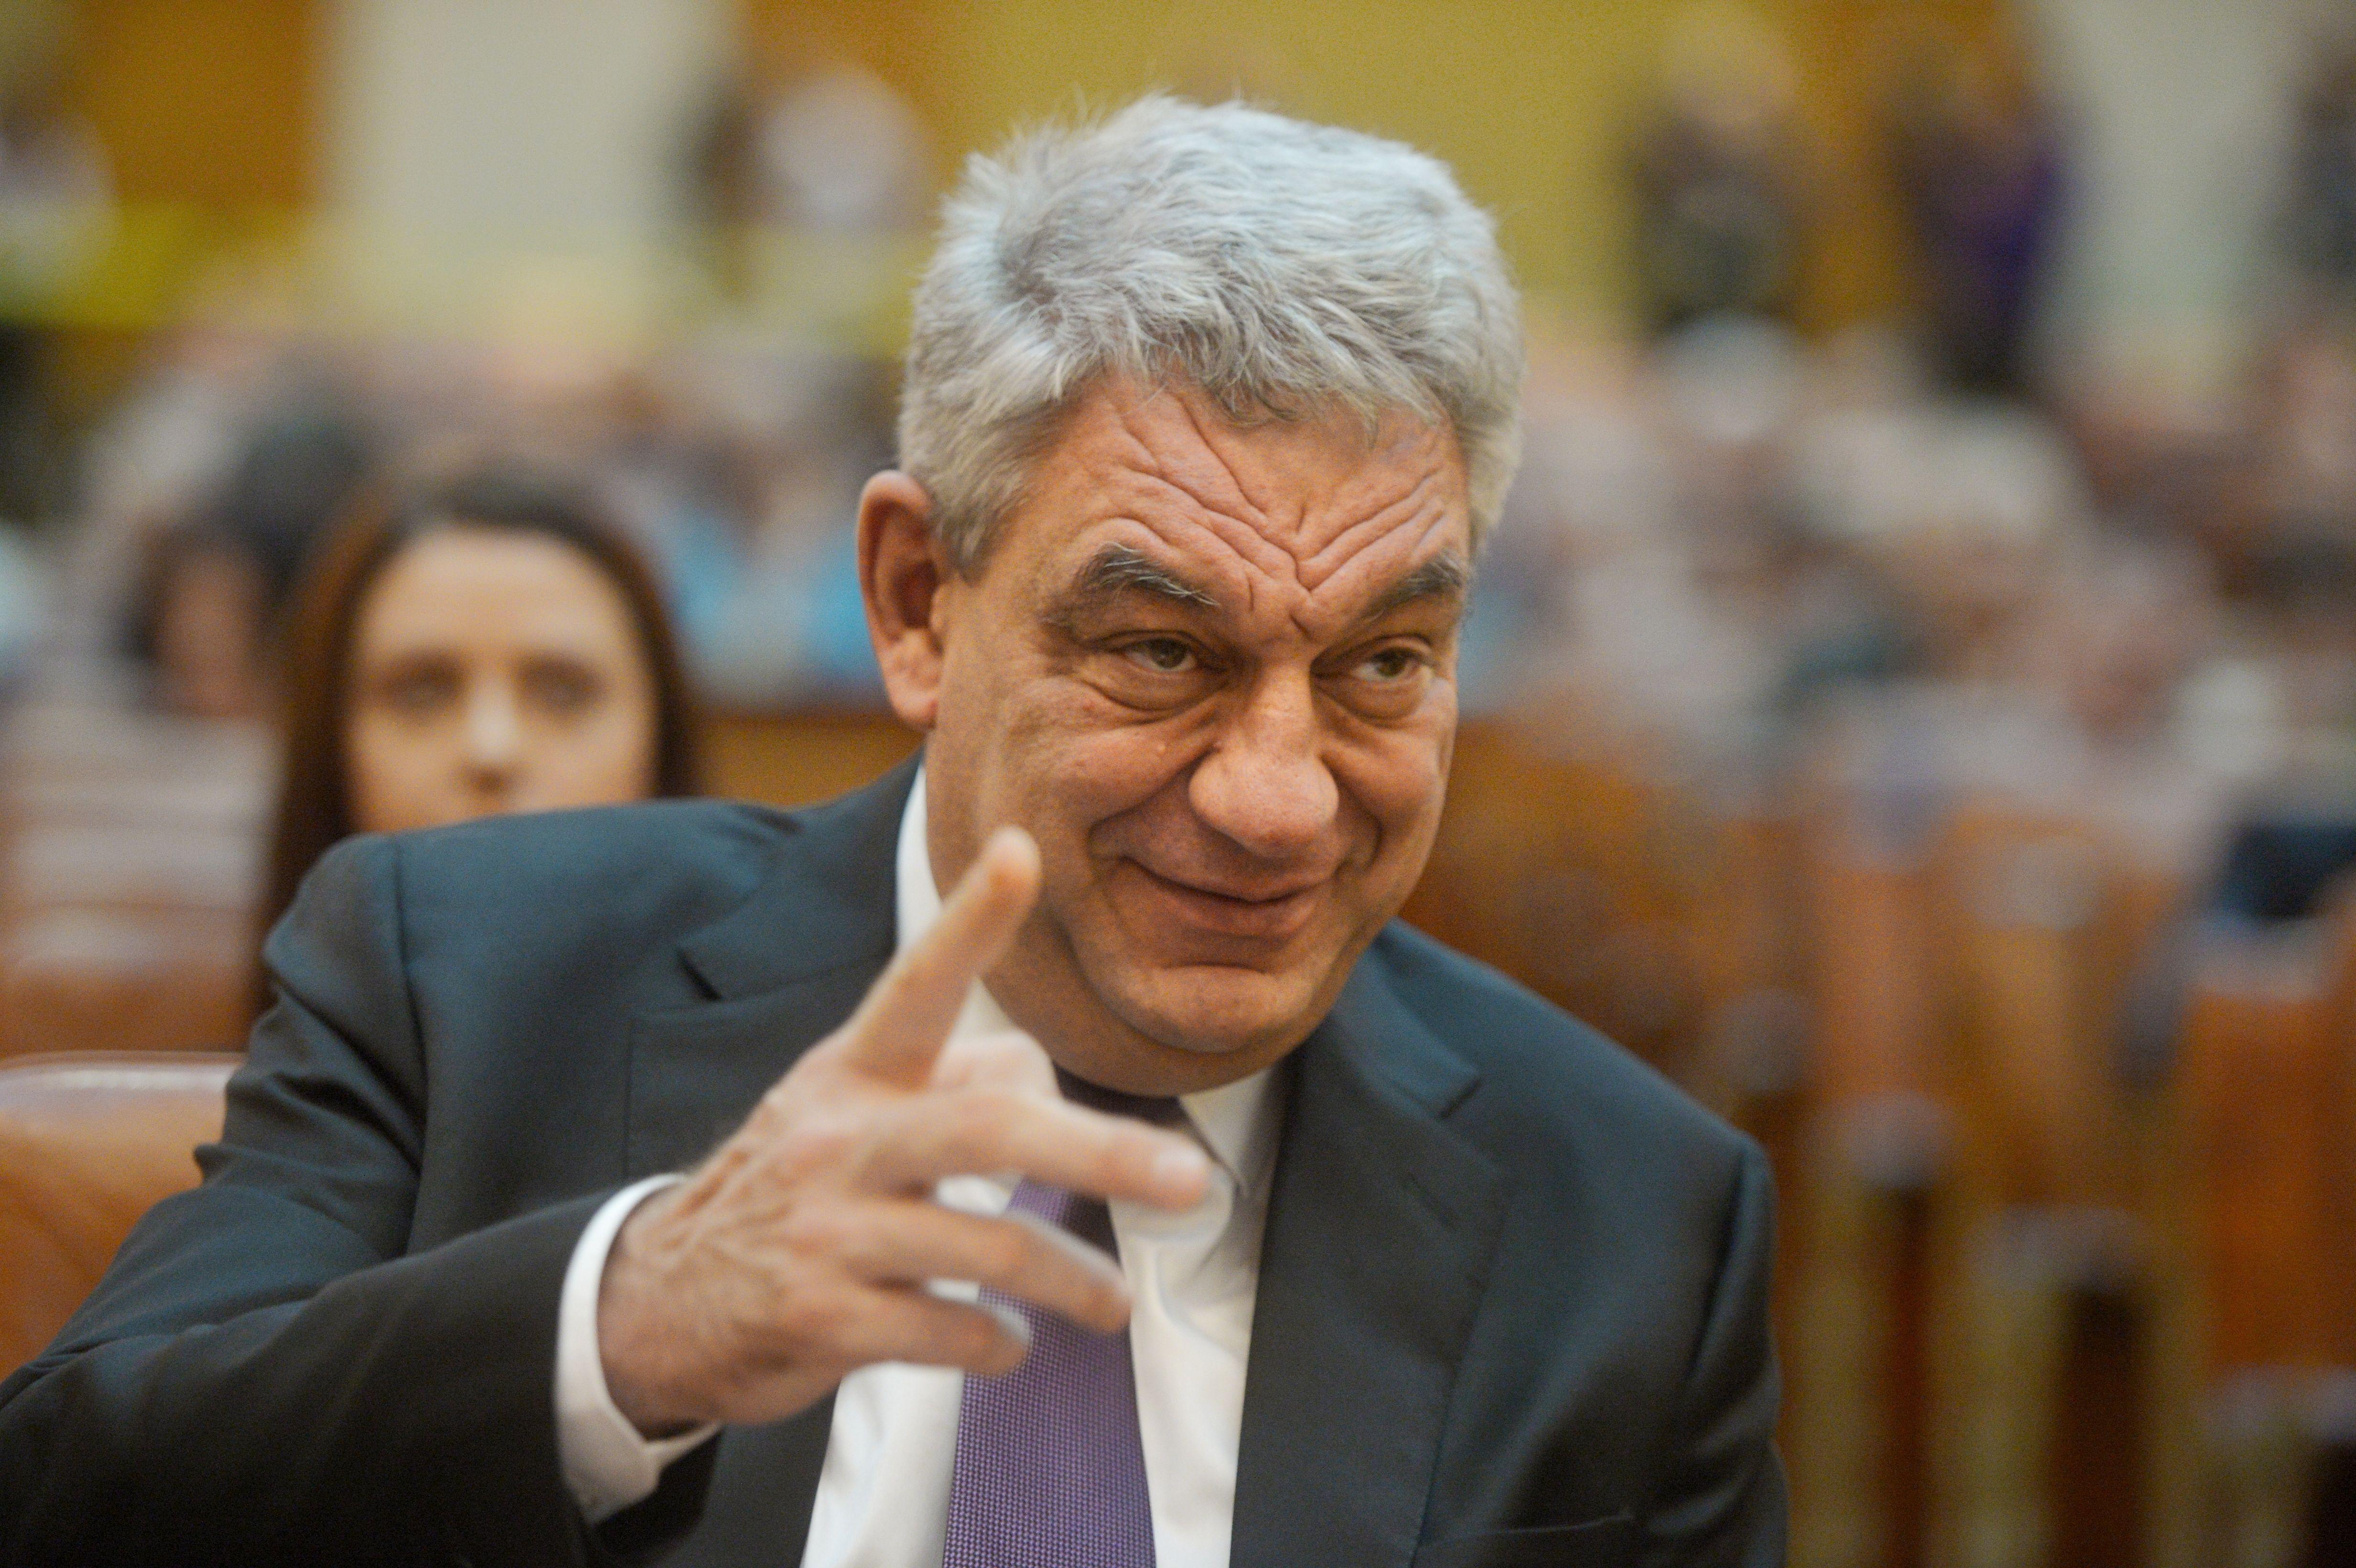 Mihai Tudose şi-a numit finul în funcţia de prefect al judeţului Brăila